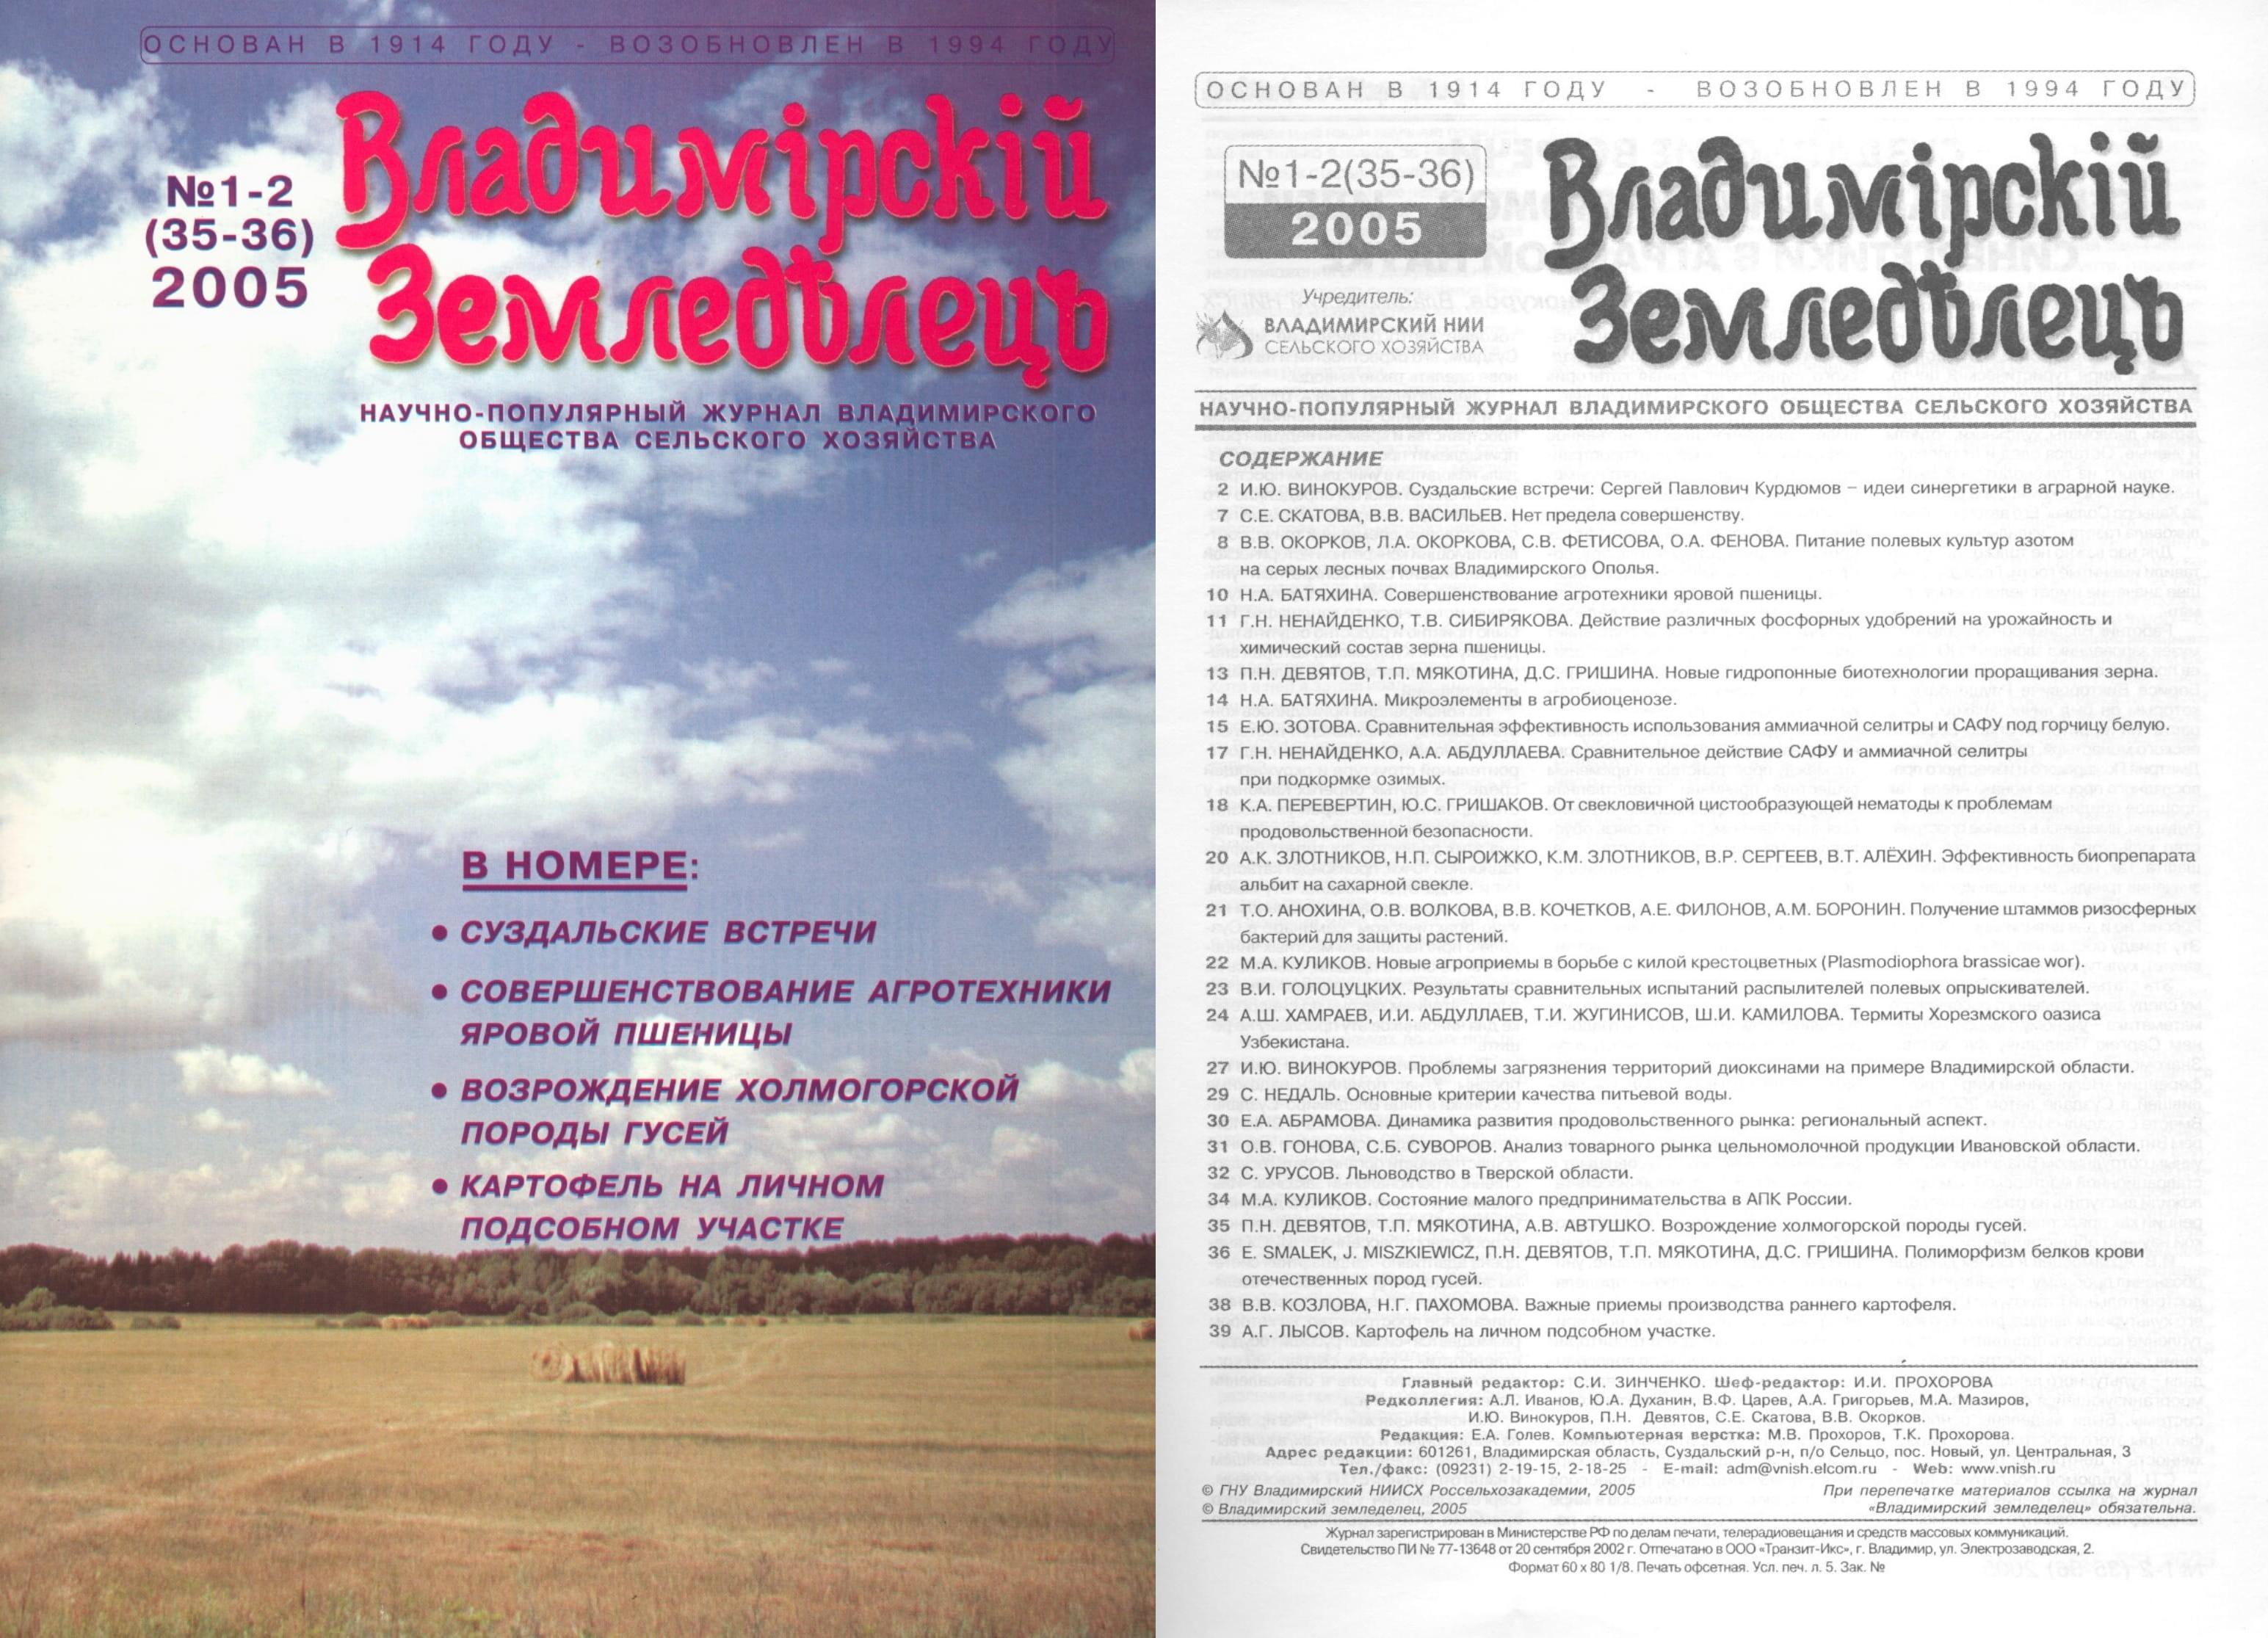 Владимирский земледелец 1-2(35-36) 2005